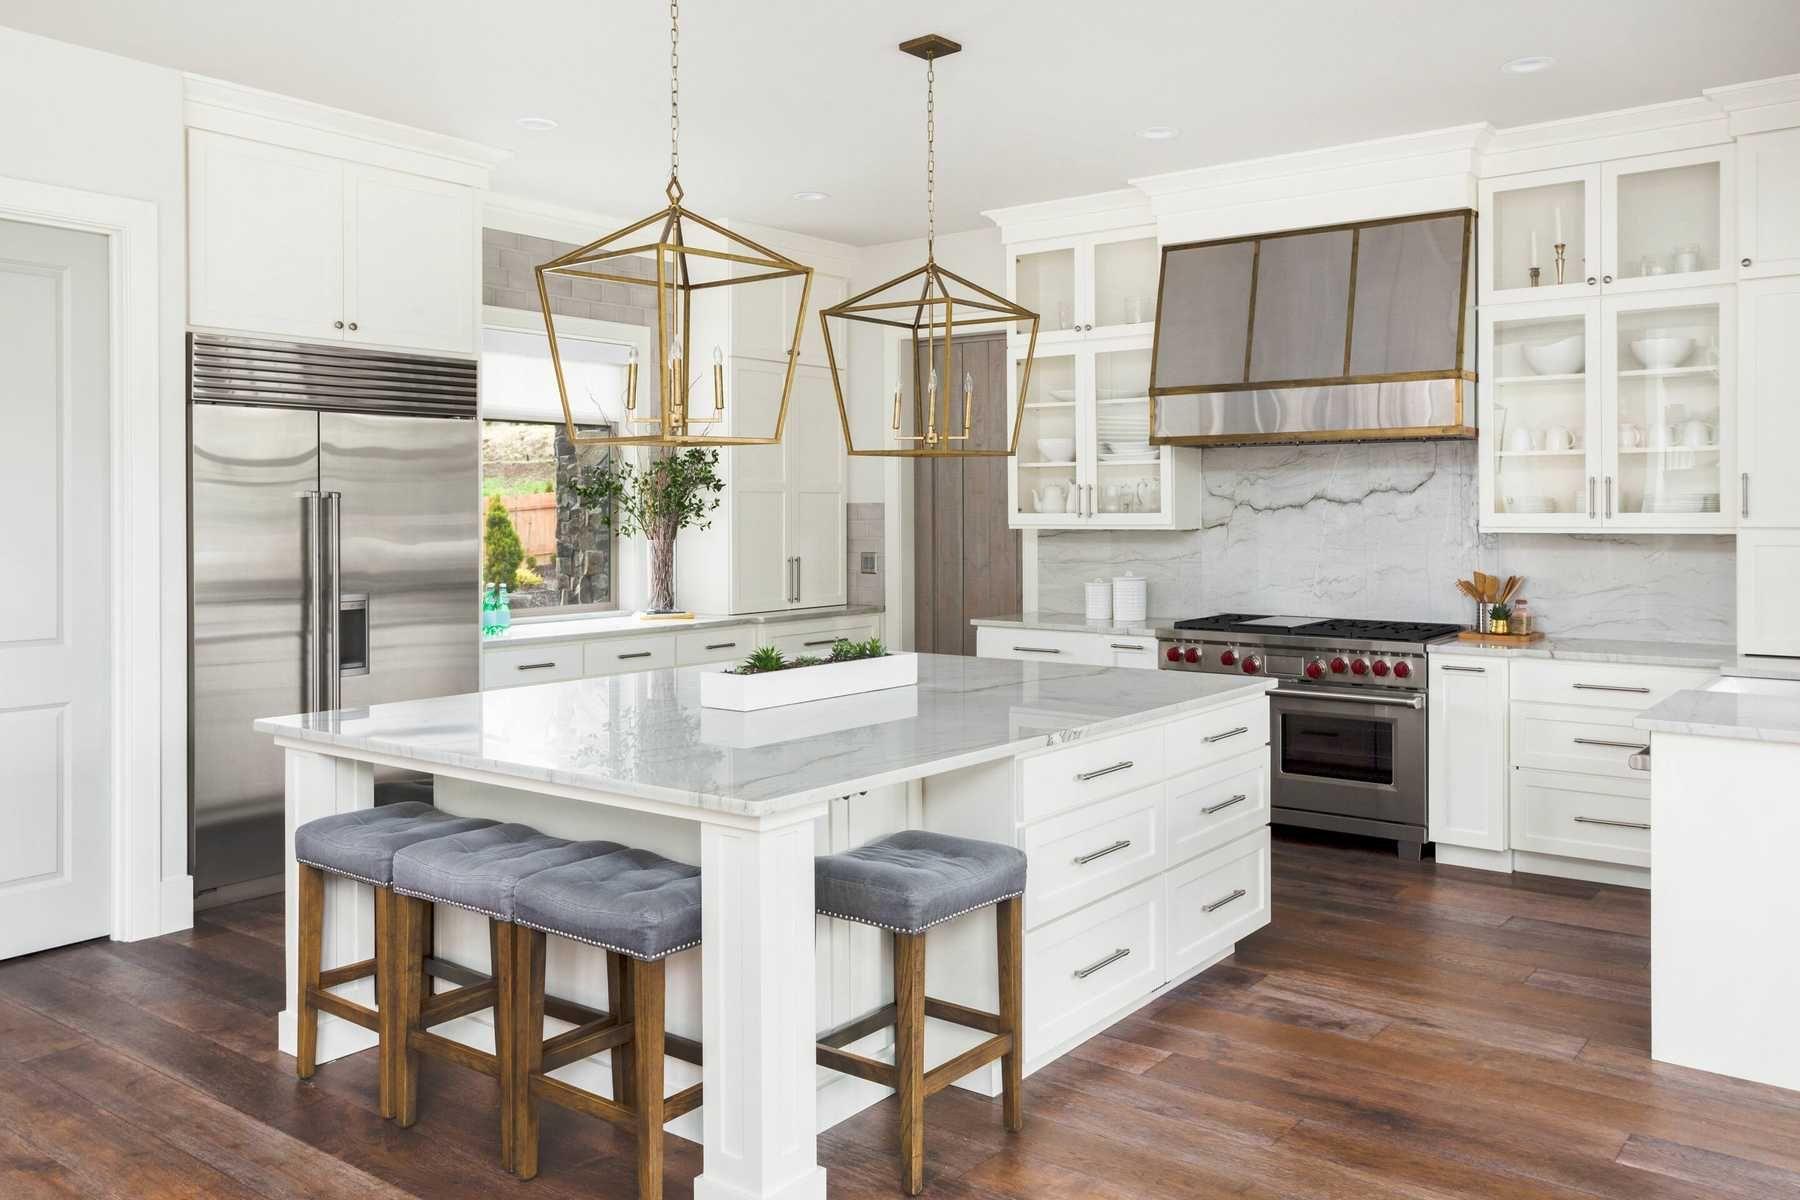 trang trí nhà bếp với Phong cách thượng lưu